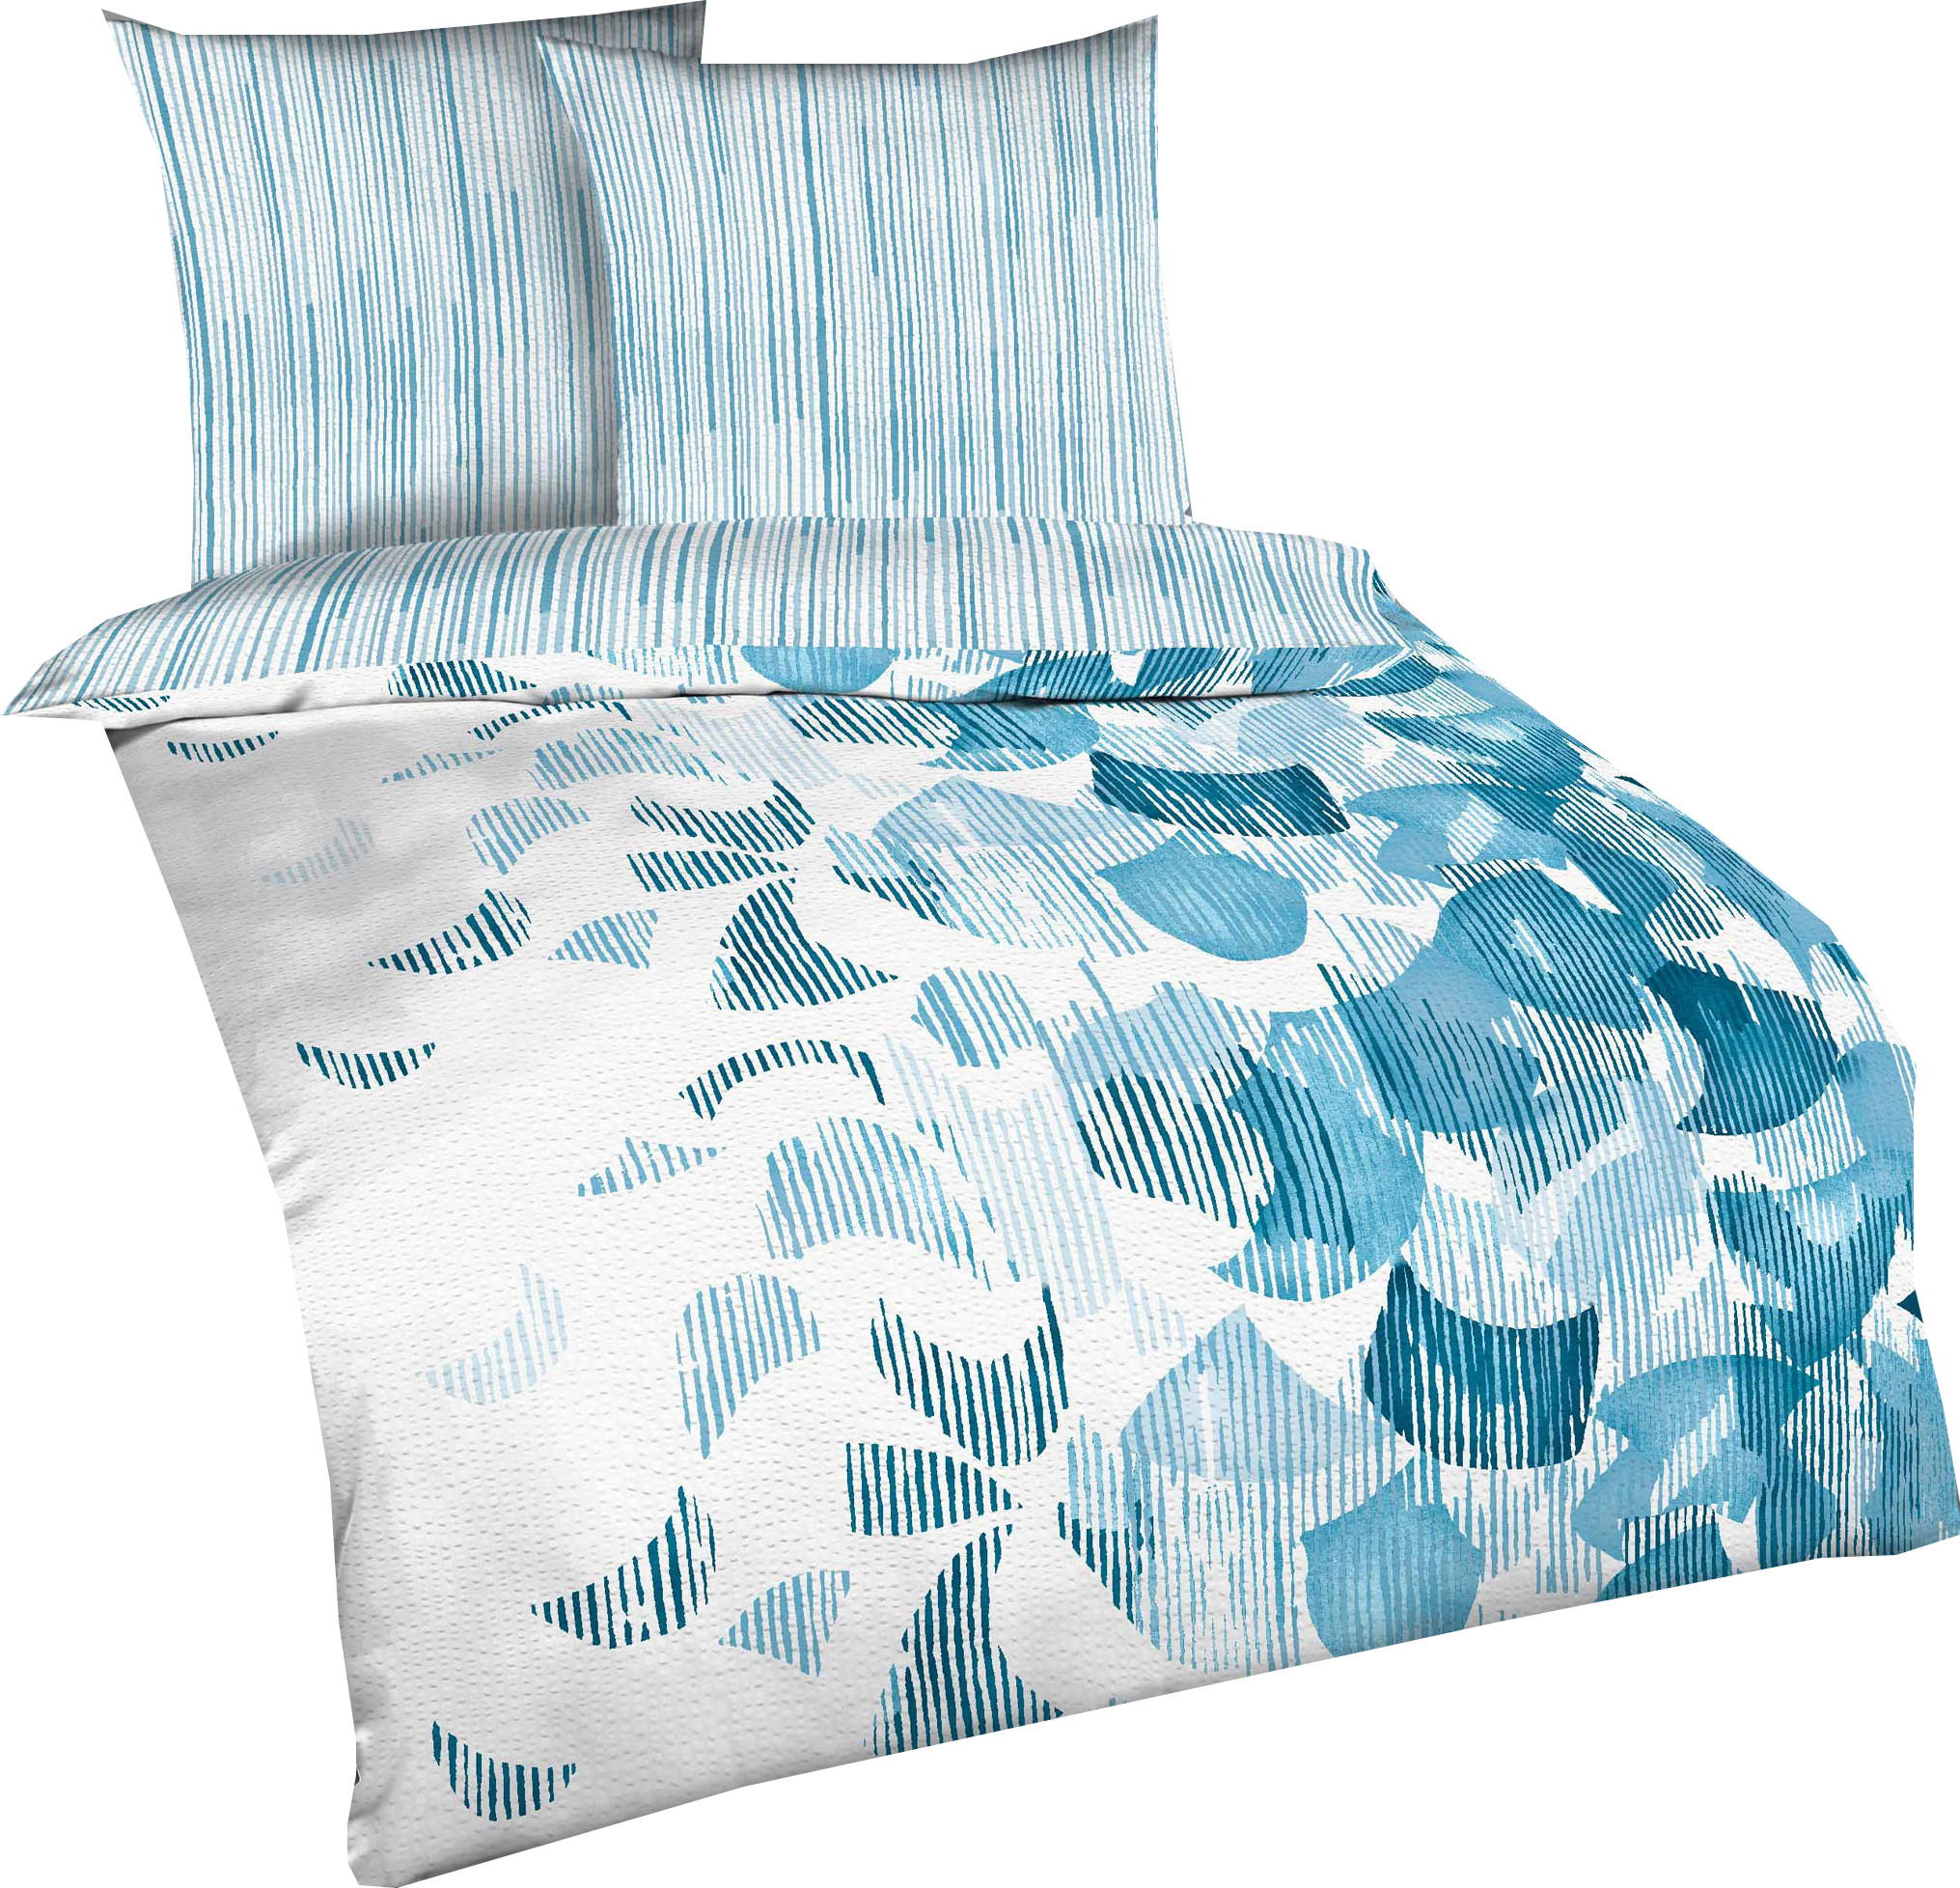 kaeppel baumwolle seersucker bettw sche calvino gr e 135x200 80x80 cm farbe azur bettw sche. Black Bedroom Furniture Sets. Home Design Ideas